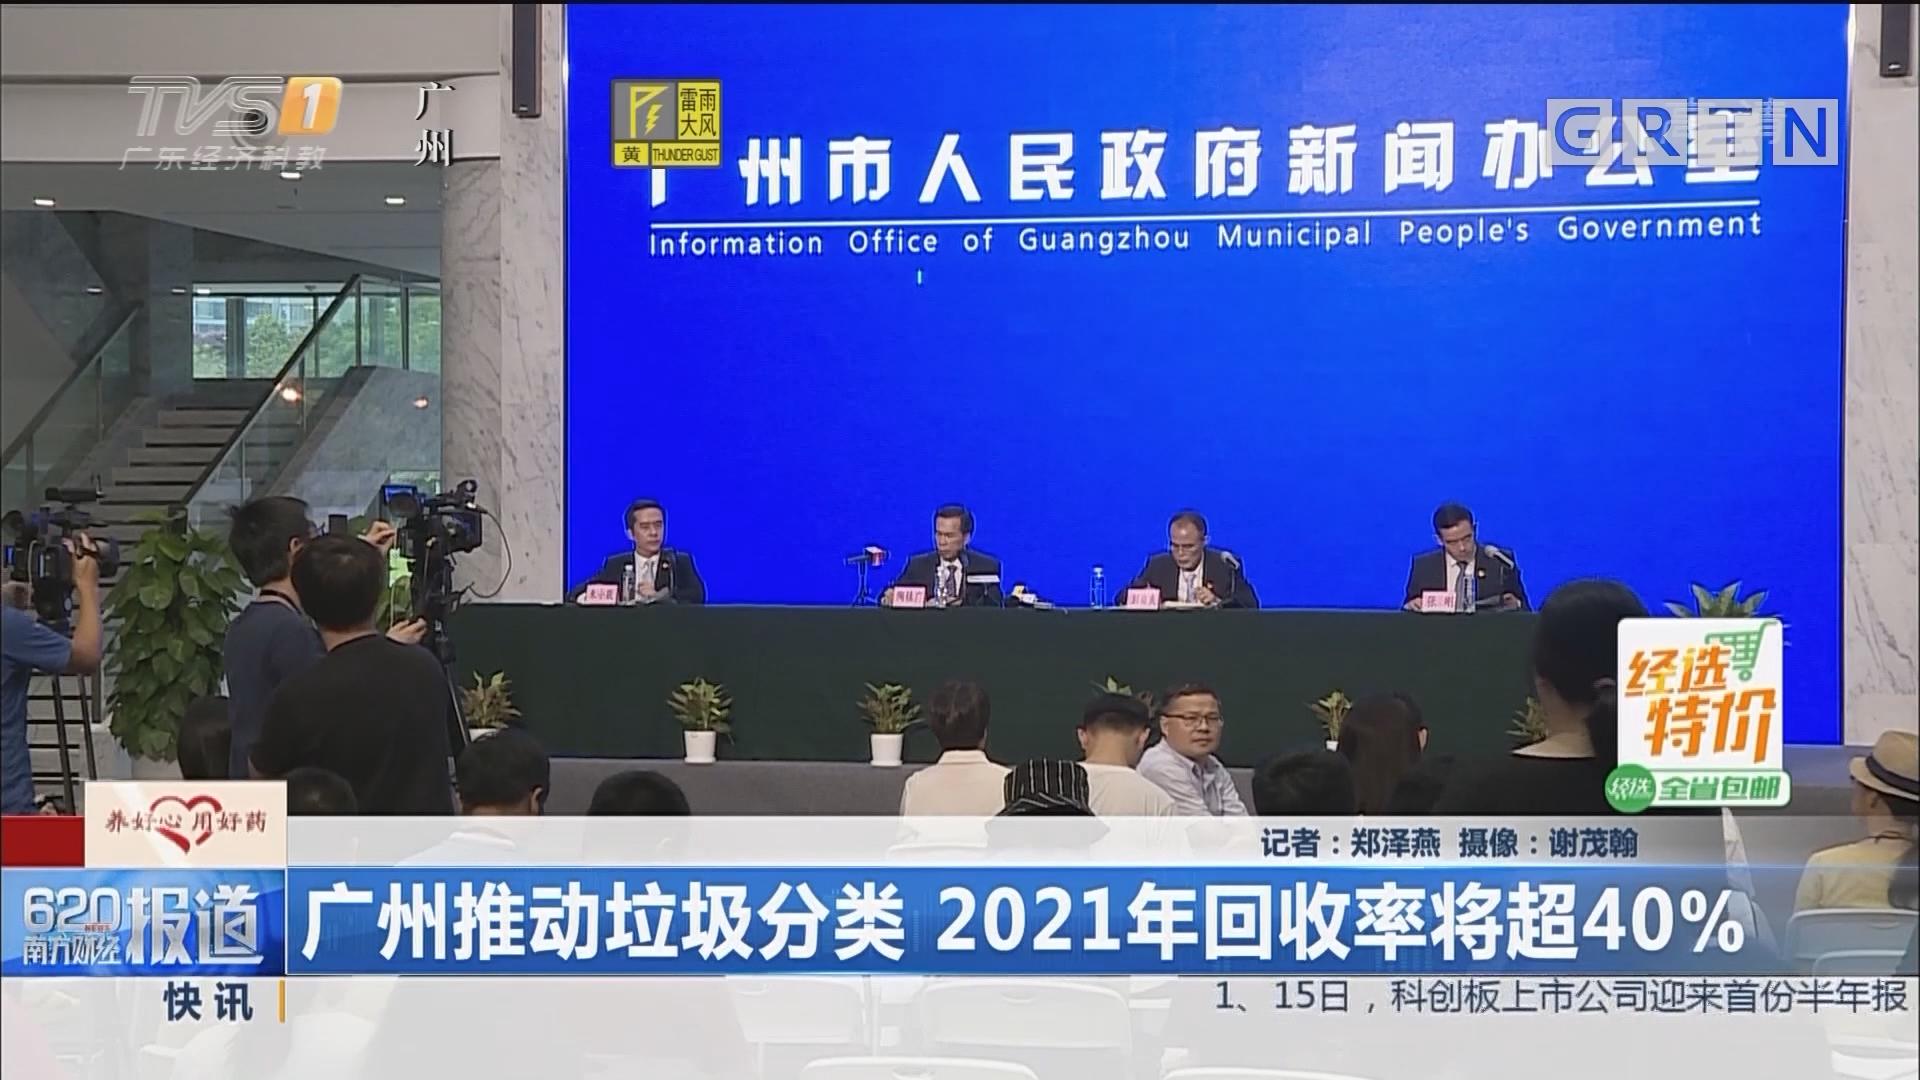 广州推动垃圾分类 2021年回收率将超40%